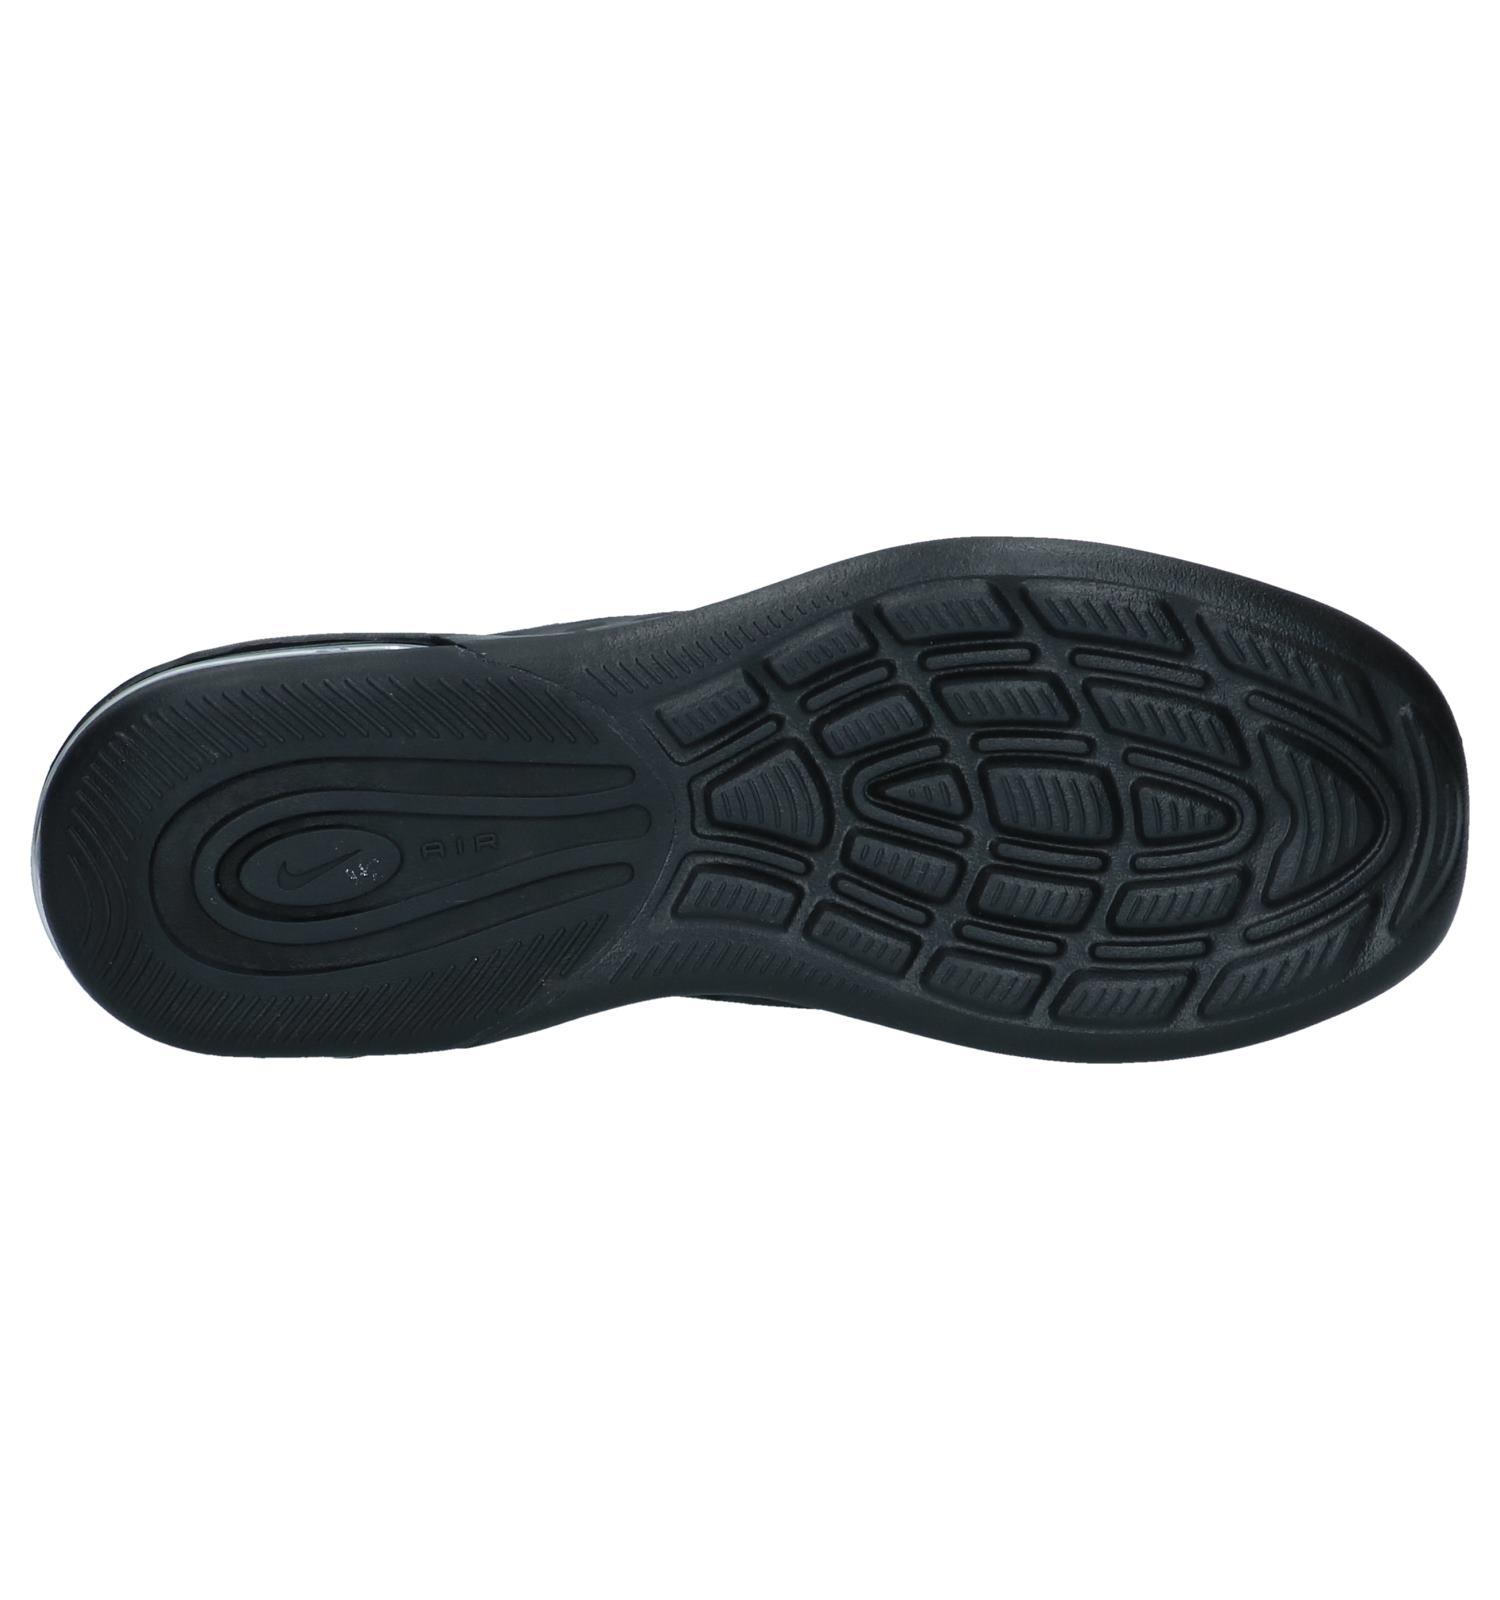 Zwarte Max Sneakers Axis Air Nike 0nwOPXk8